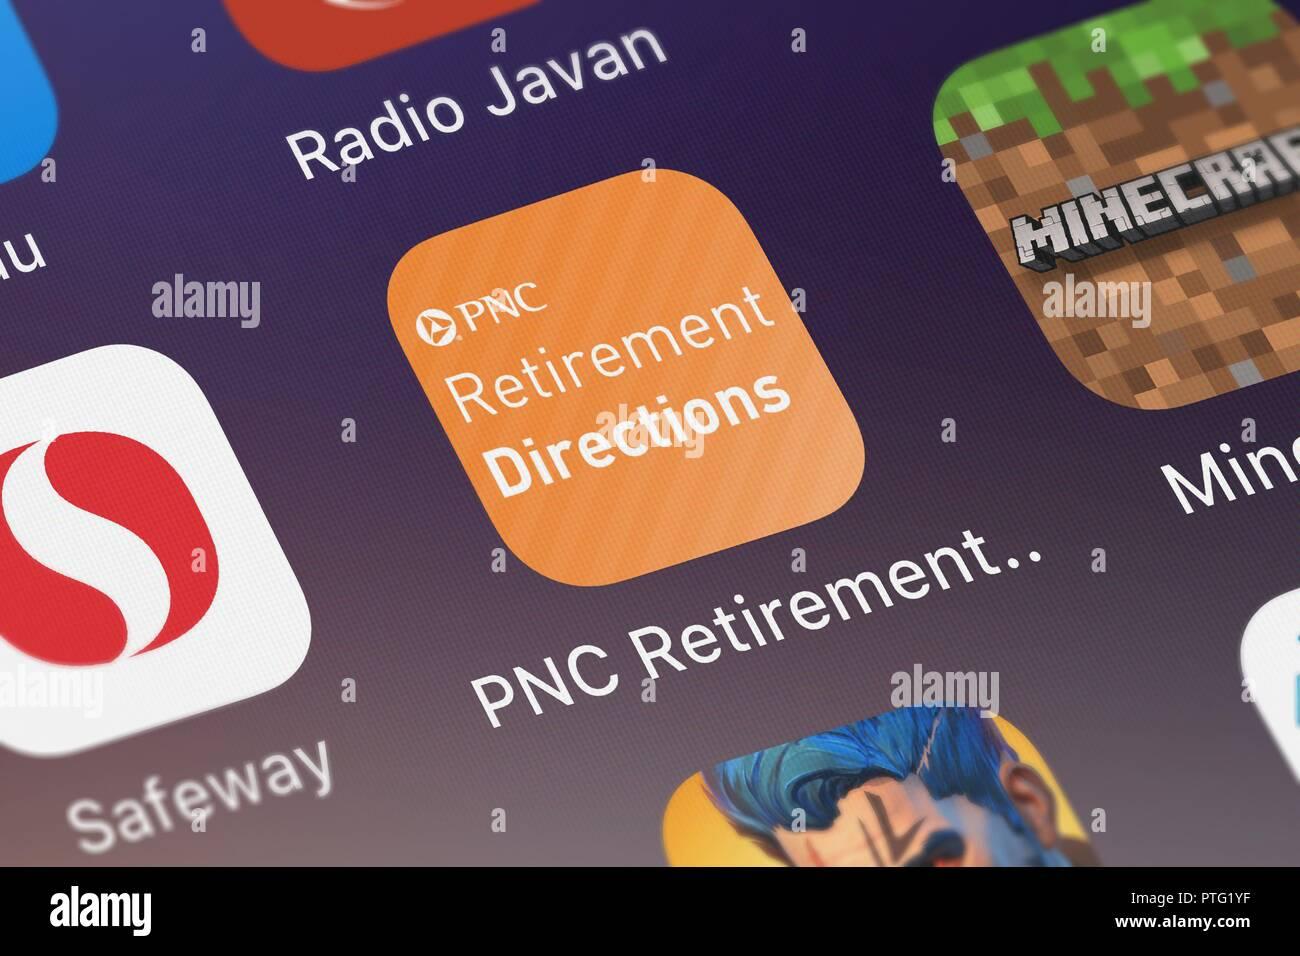 Pnc Retirement Directions Stock Photos & Pnc Retirement Directions